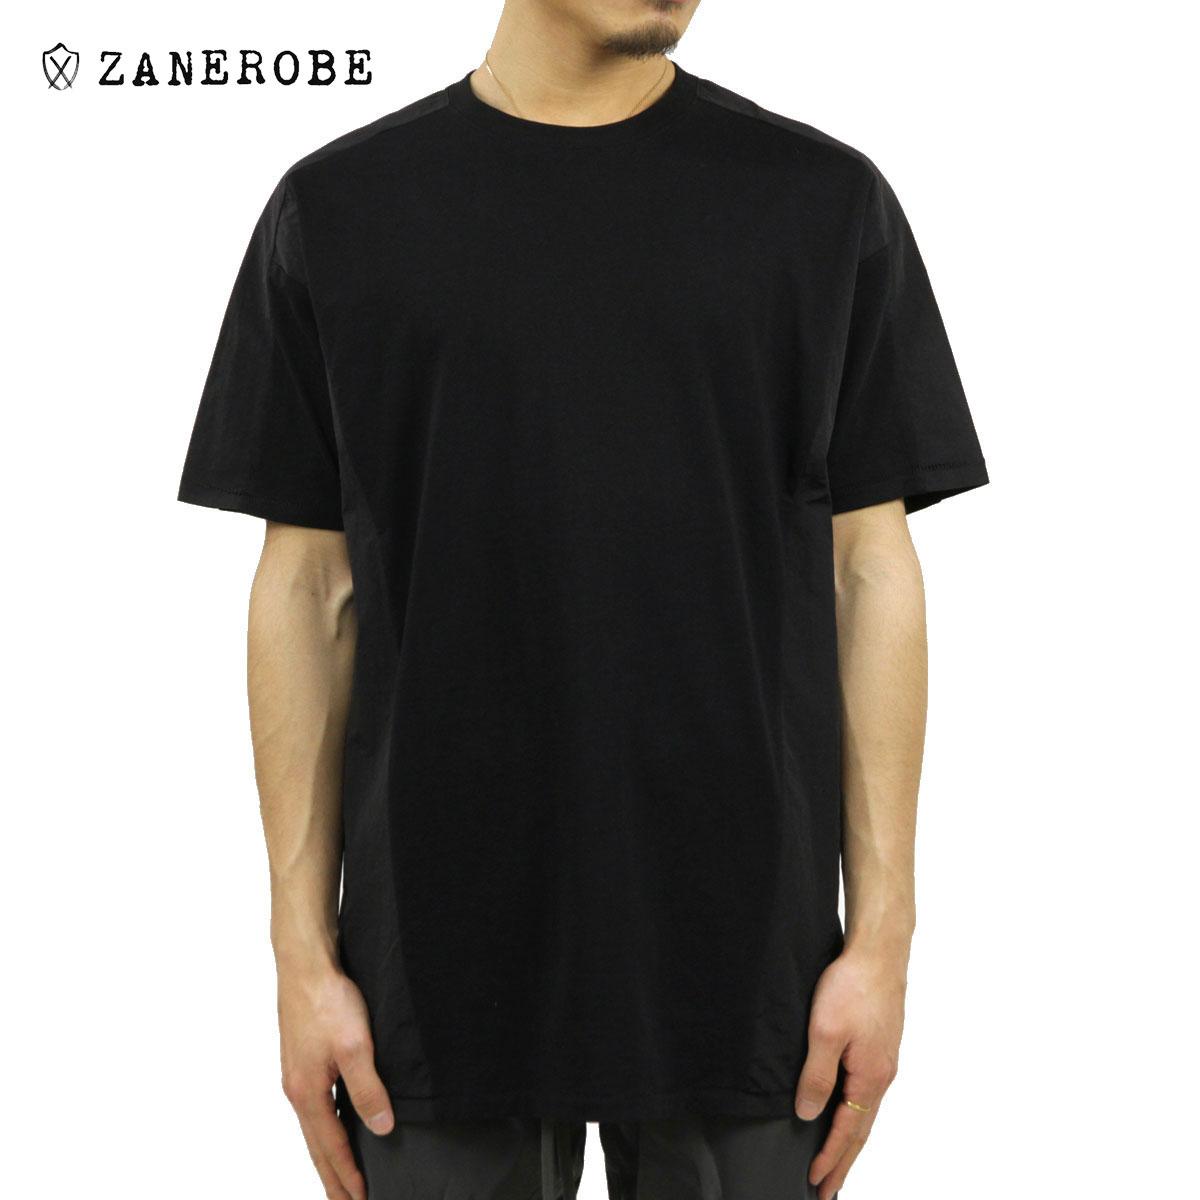 ゼンローブ Tシャツ メンズ 正規販売店 ZANEROBE 半袖Tシャツ クルーネック PANEL CREW NECK TEE BLACK 115-CRF A13B B1C C1D D1E E13F